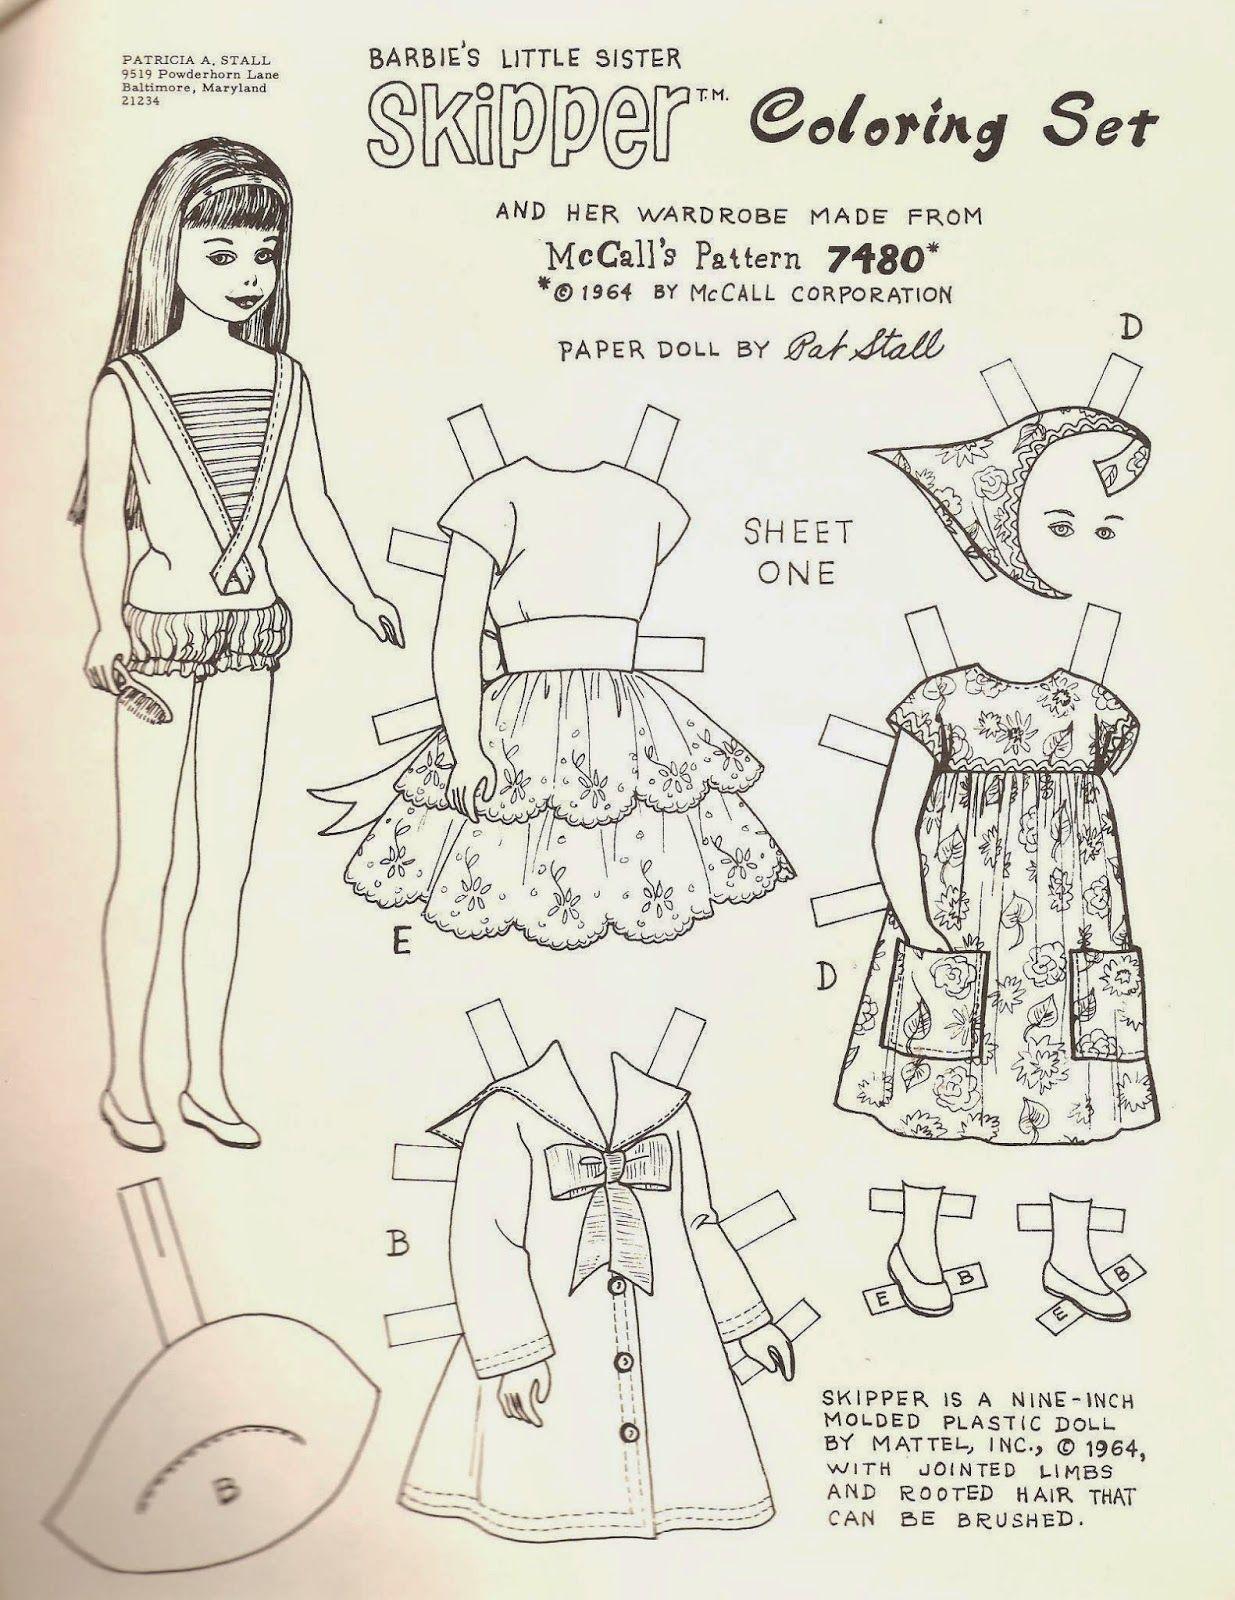 Barbie S Little Sister Skipper Coloring Set Vintage Paper Dolls Paper Dolls Paper Dolls Printable